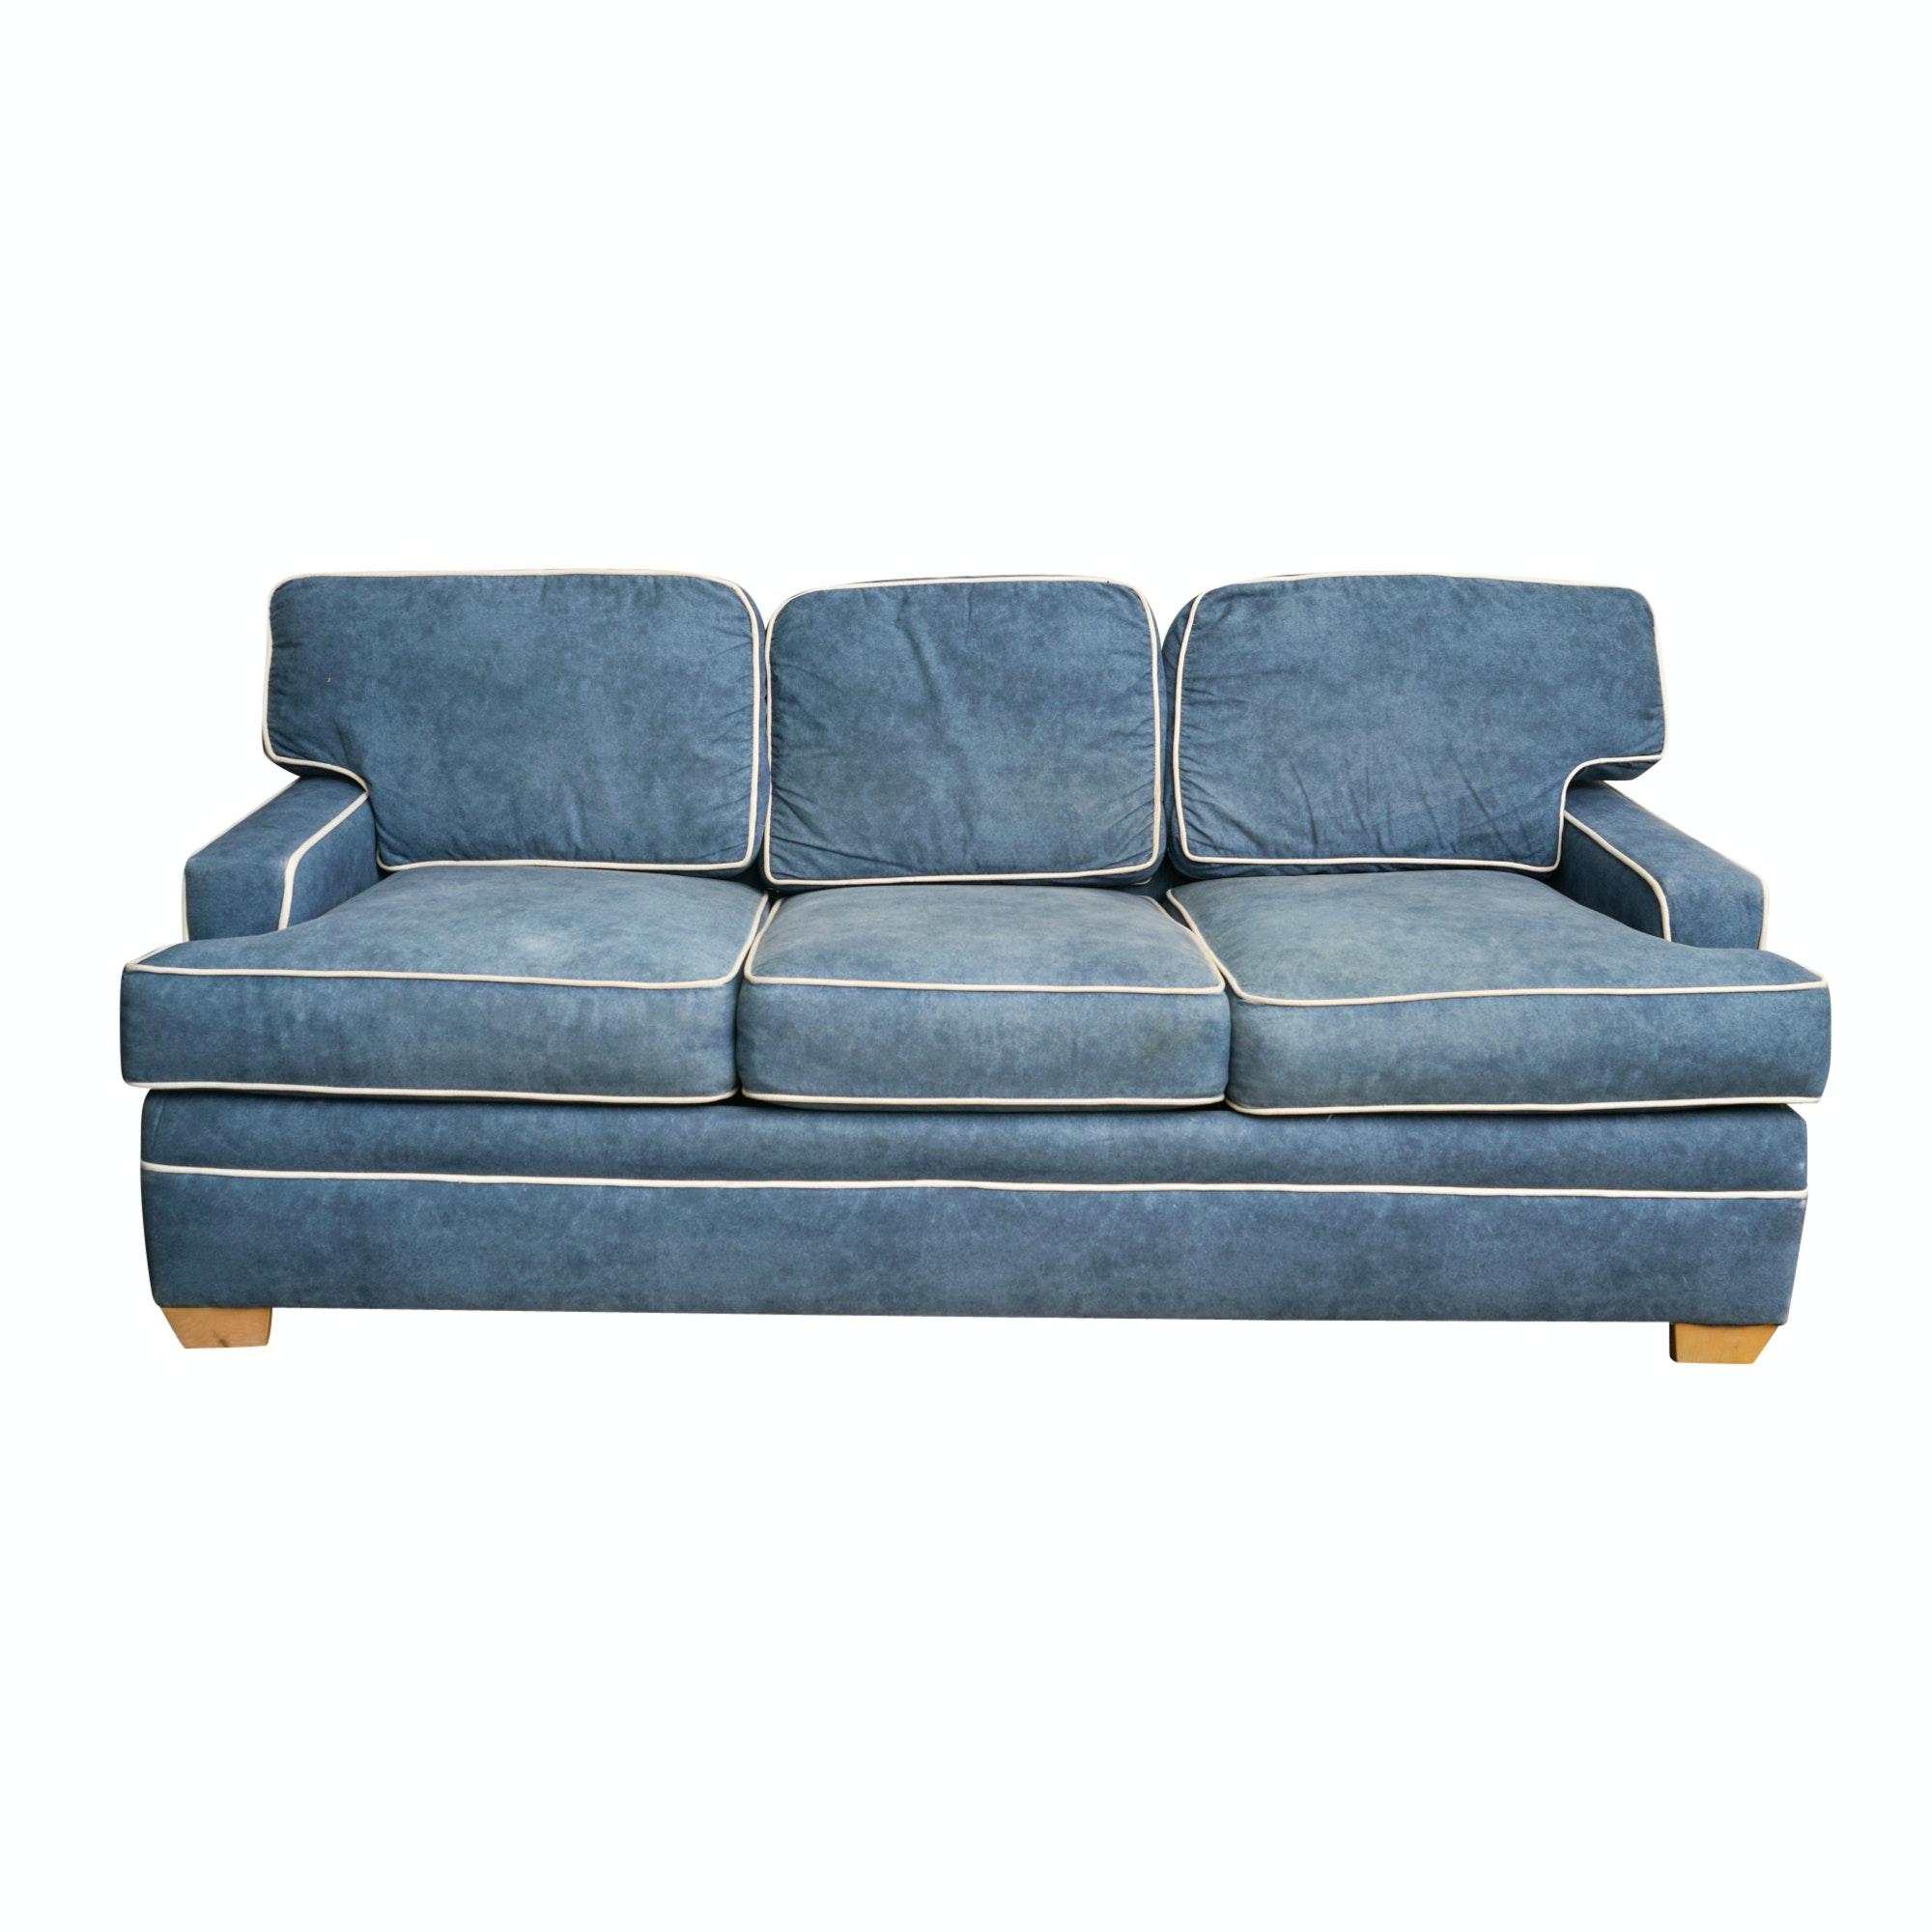 Ethan Allen Blue Upholstered Sleeper Sofa